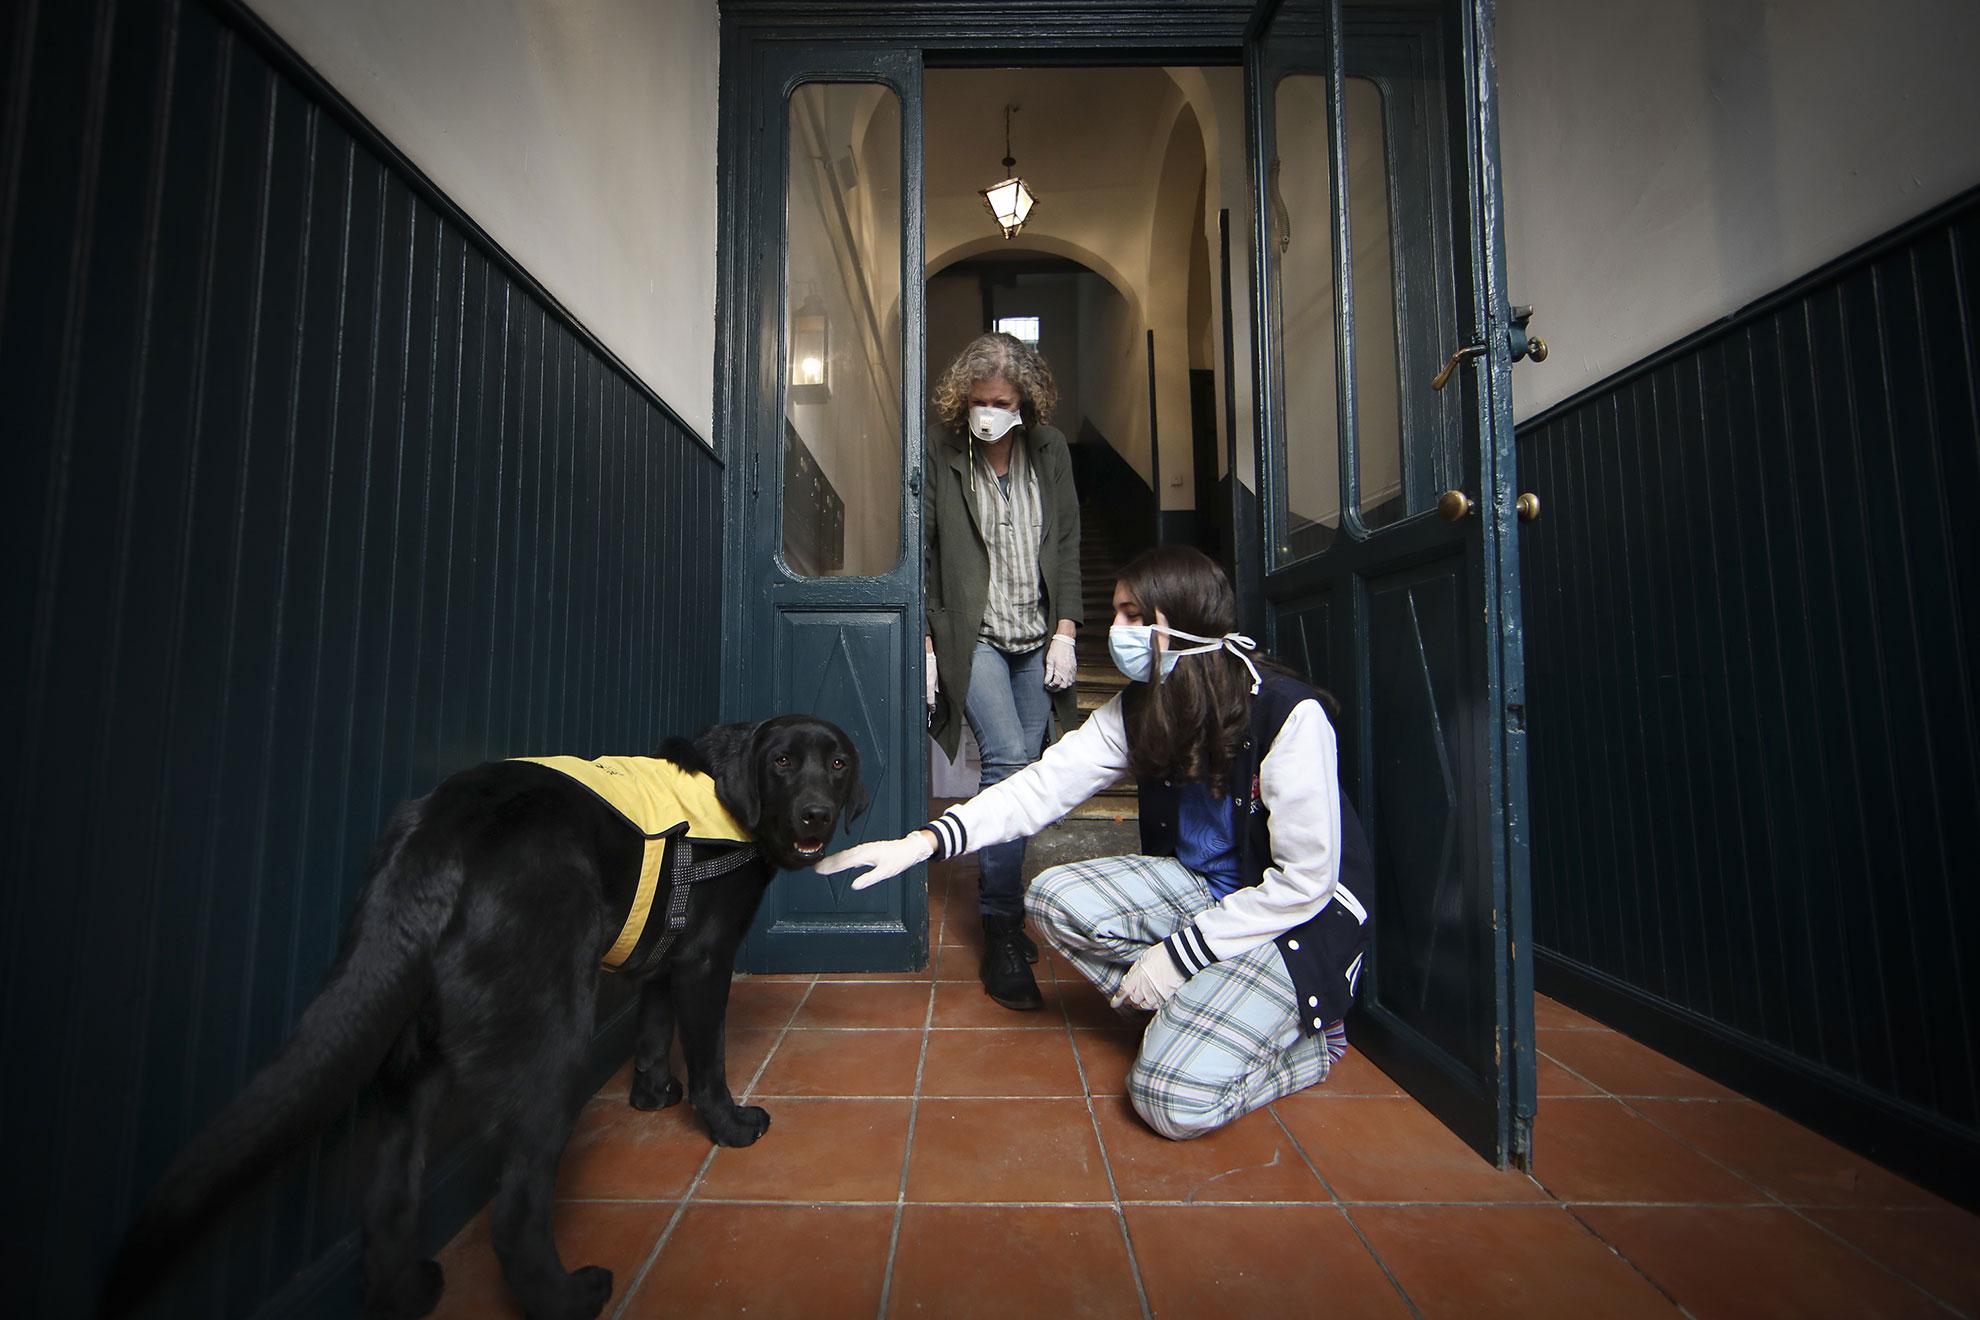 Hurón llegó a casa de Helen cuando era un carrocho. Pero este labrador de 18 meses estaba destinado a ser perro guía de la ONCE, y por eso tuvo que dejar su hogar en Lavapiés para comenzar la formación hace unos meses. Helen (54) de origen británico y madrileña de adopción, pensaba, que su familia no lo volvería a ver, pero el entrenador de Hurón ha tenido que dejar de trabajar por ser paciente de riesgo ante el Covid-19, y el perro se ha quedado sin su cuidador de la noche a la mañana. Por eso, cuando la llamaron para proponerle que lo acogiera de nuevo, hasta que la situación volviera a la normalidad, ella dijo que sí. El regreso de Hurón ha alegrado la cuarentena a toda la familia, pero sobre todo ha subido la moral a Helen, preocupada ahora por la economía familiar, ya que es autónoma y ha tenido que parar su actividad. A pesar de todo, se siente afortunada por vivir en una casa espaciosa y con terraza, que comparte de nuevo con este amigo de cuatro patas.